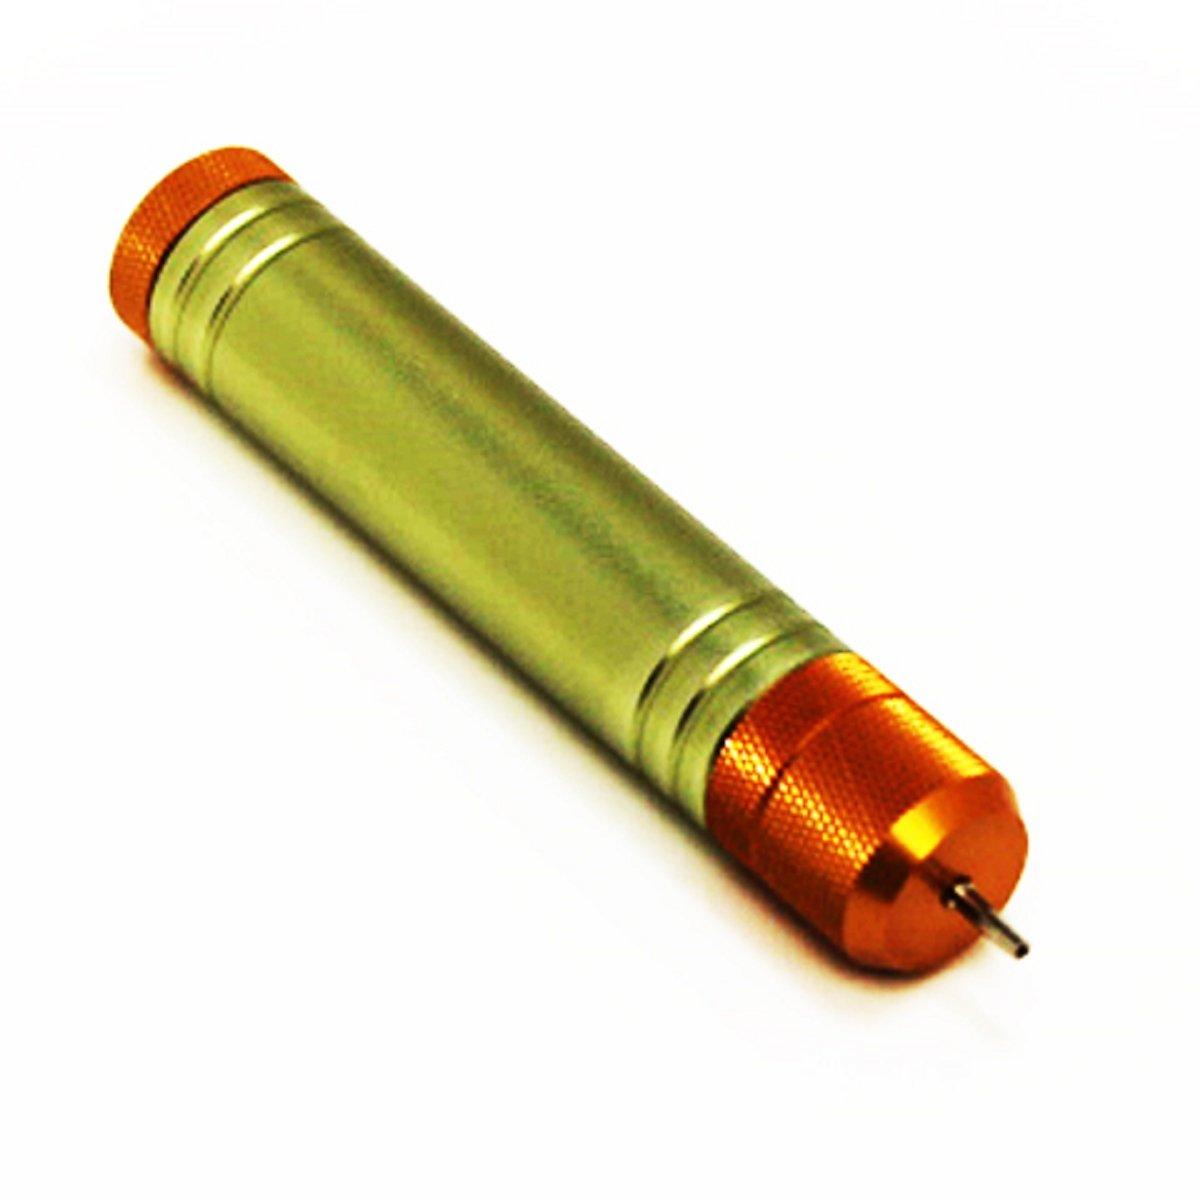 Airsoft Softair Ersatzteile Army Force 12g Co2 AufladeeinheitPortable Adapter